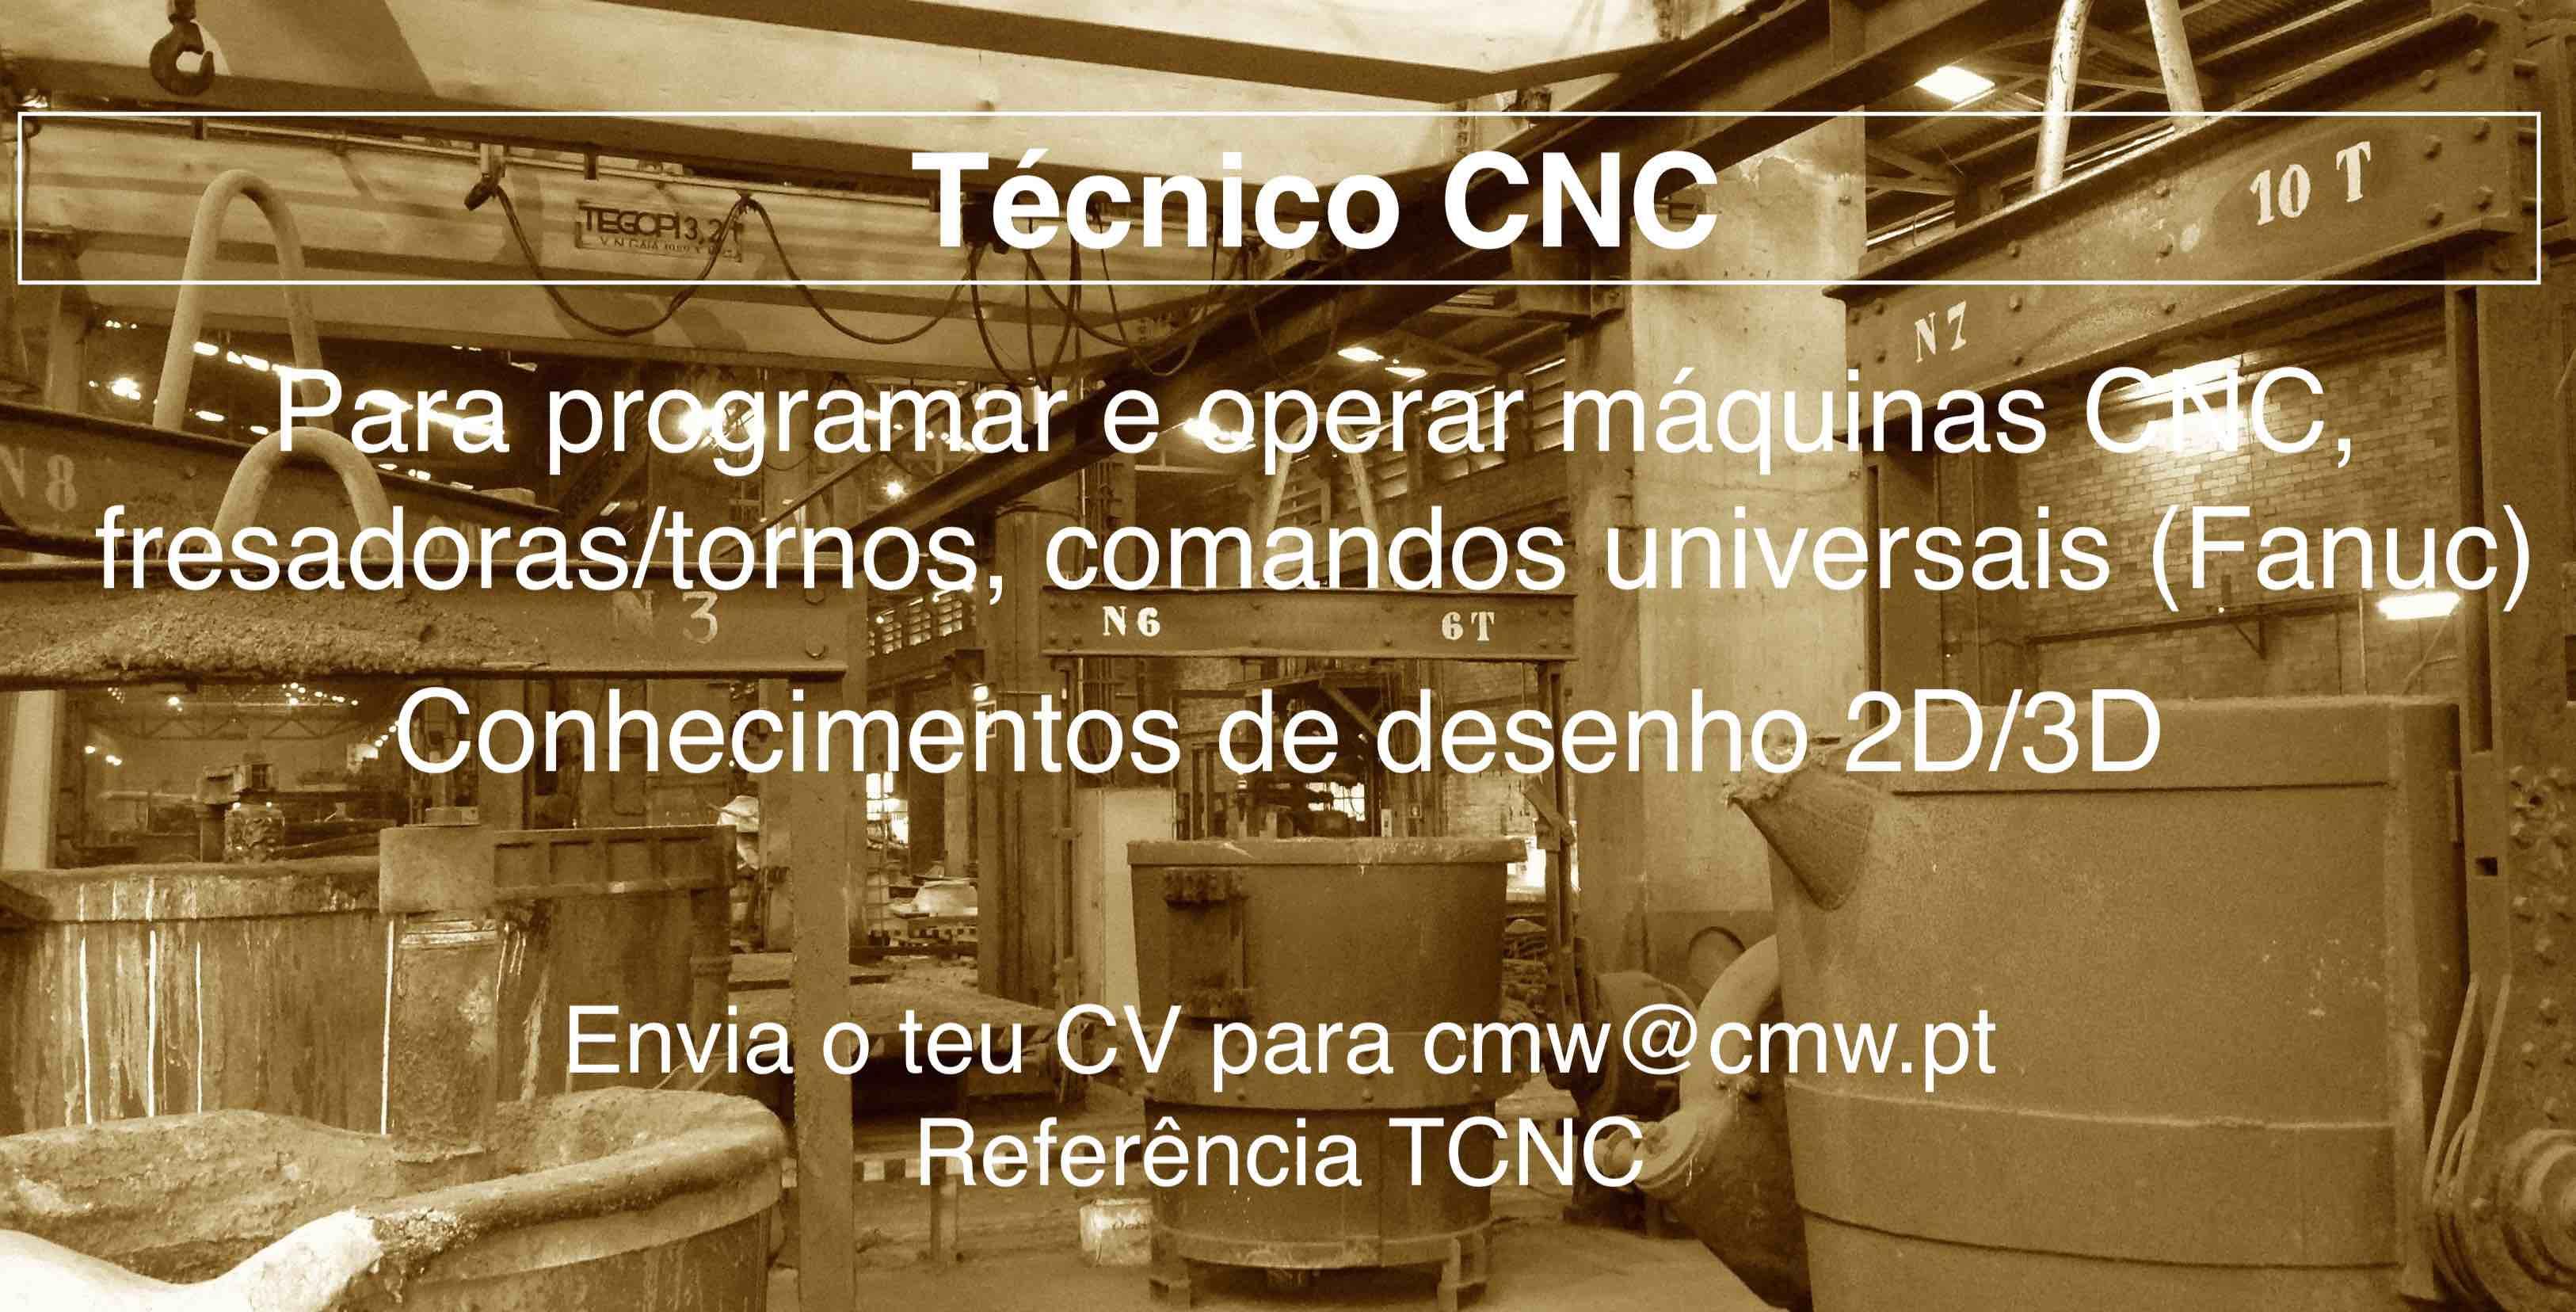 Oferta de Emprego CNC